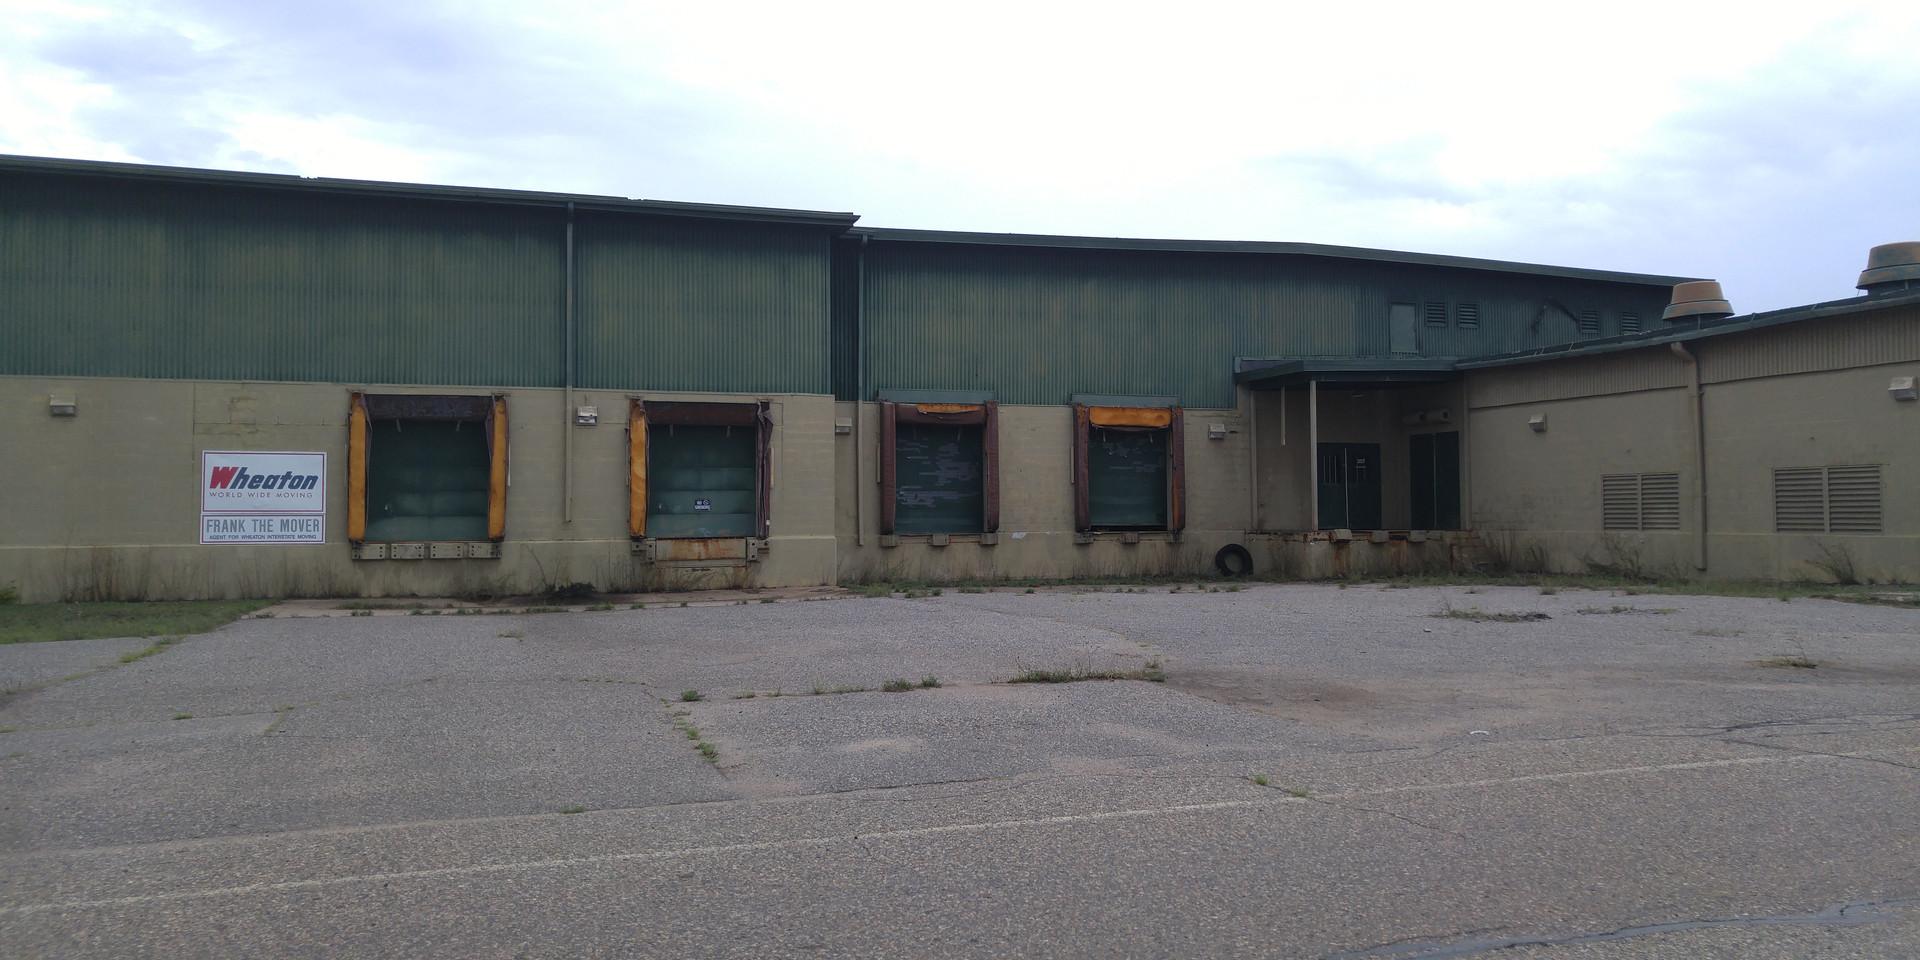 Docks for Fulfillment Warehouse